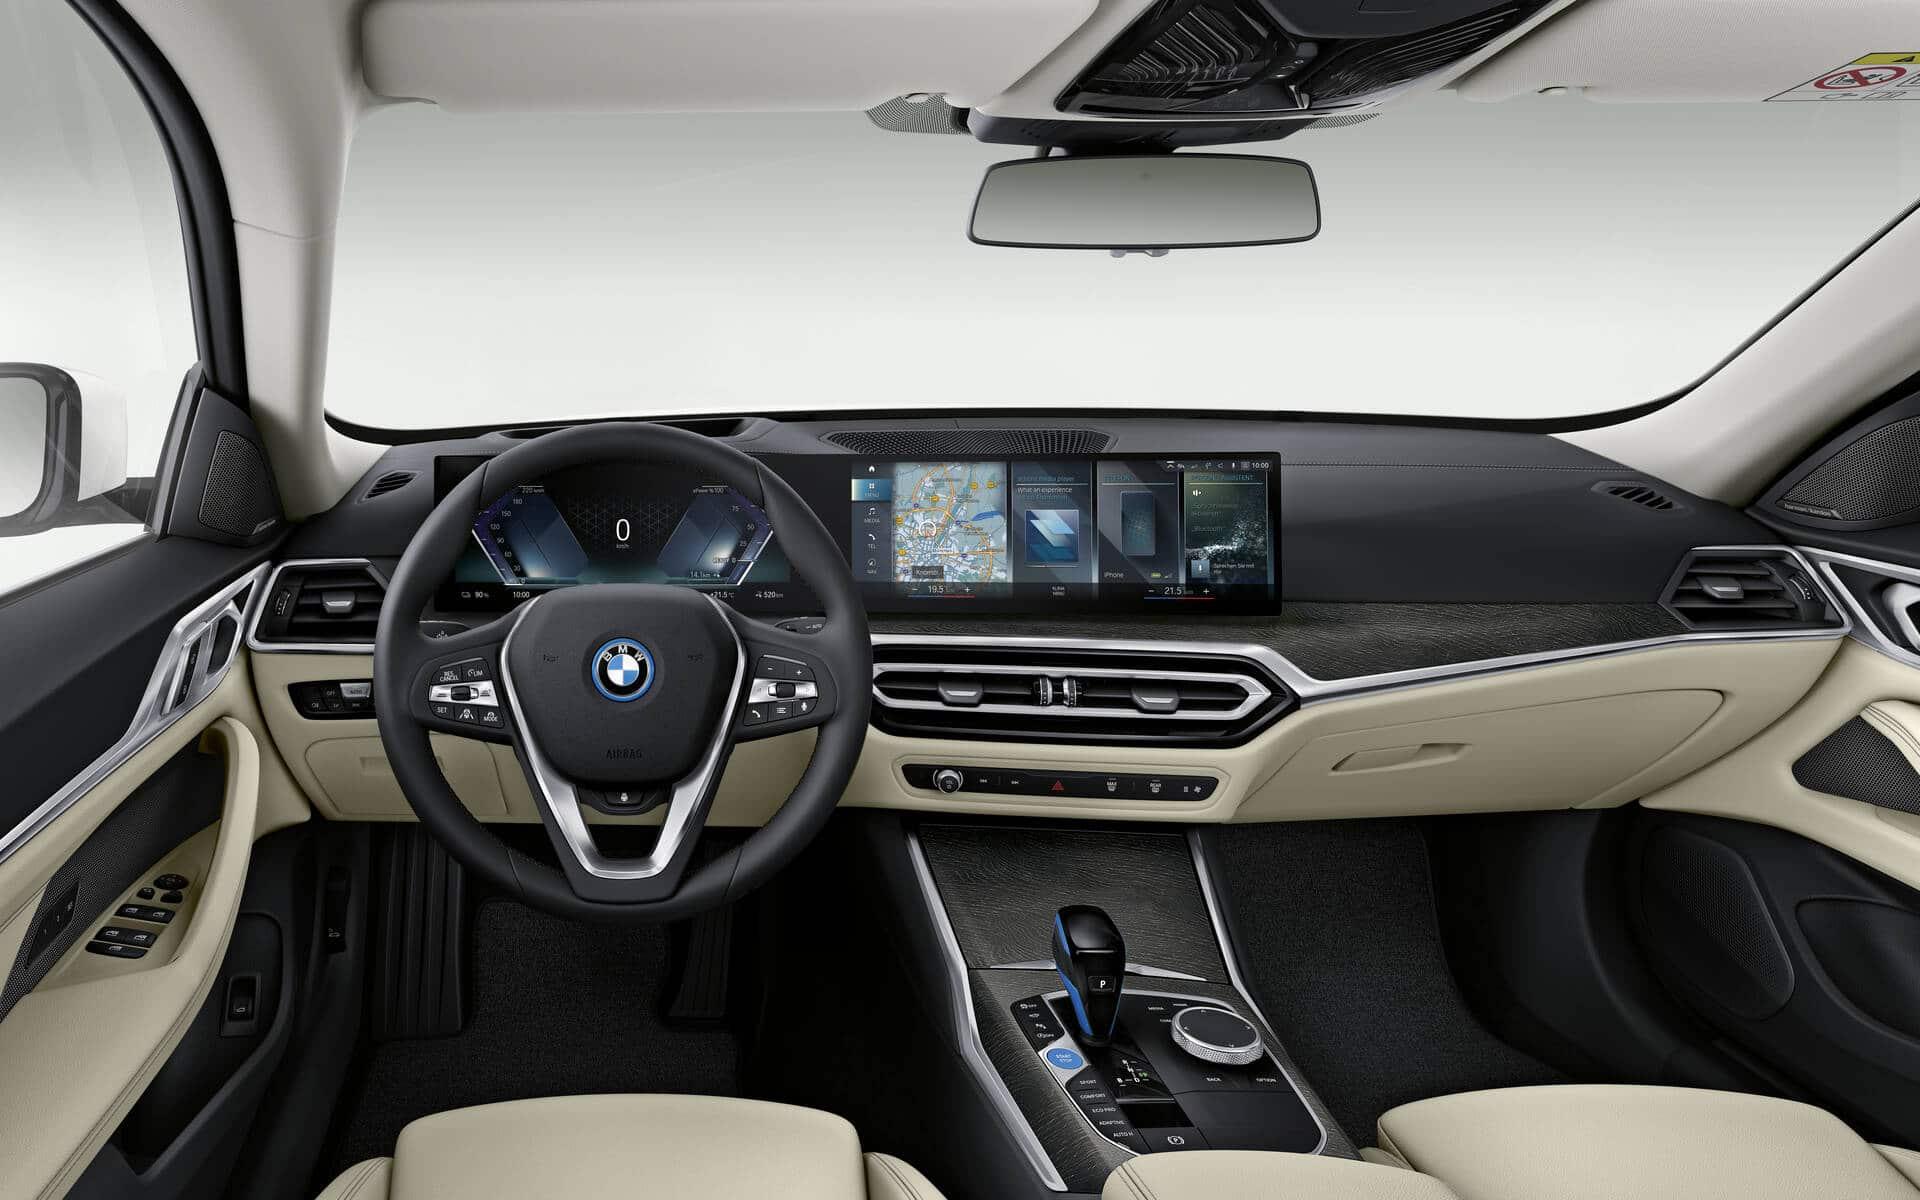 L'habitacle moderne et luxueux de la BMW i4 2022. Source: www.guideauto.ca